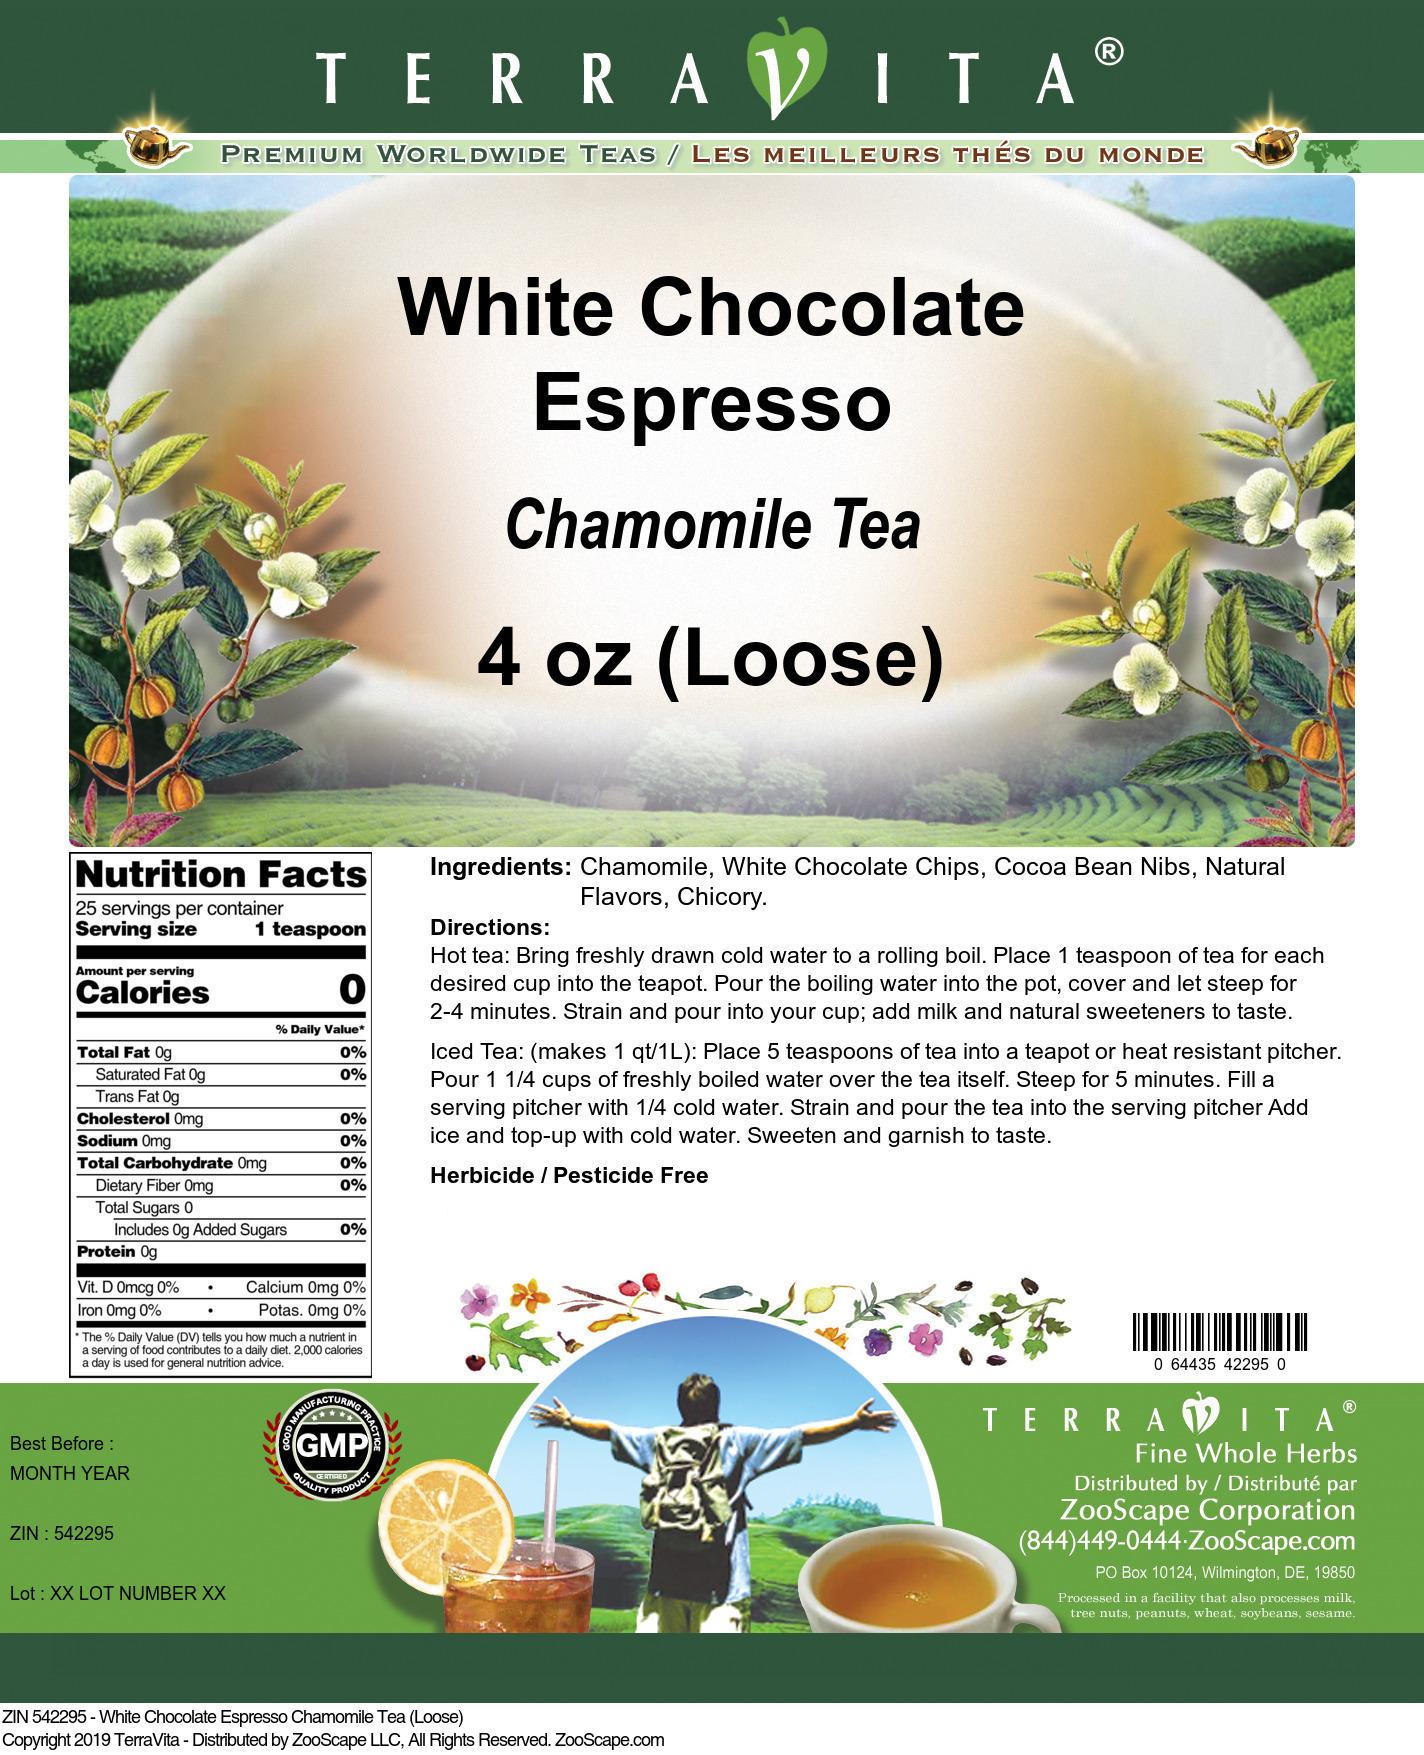 White Chocolate Espresso Chamomile Tea